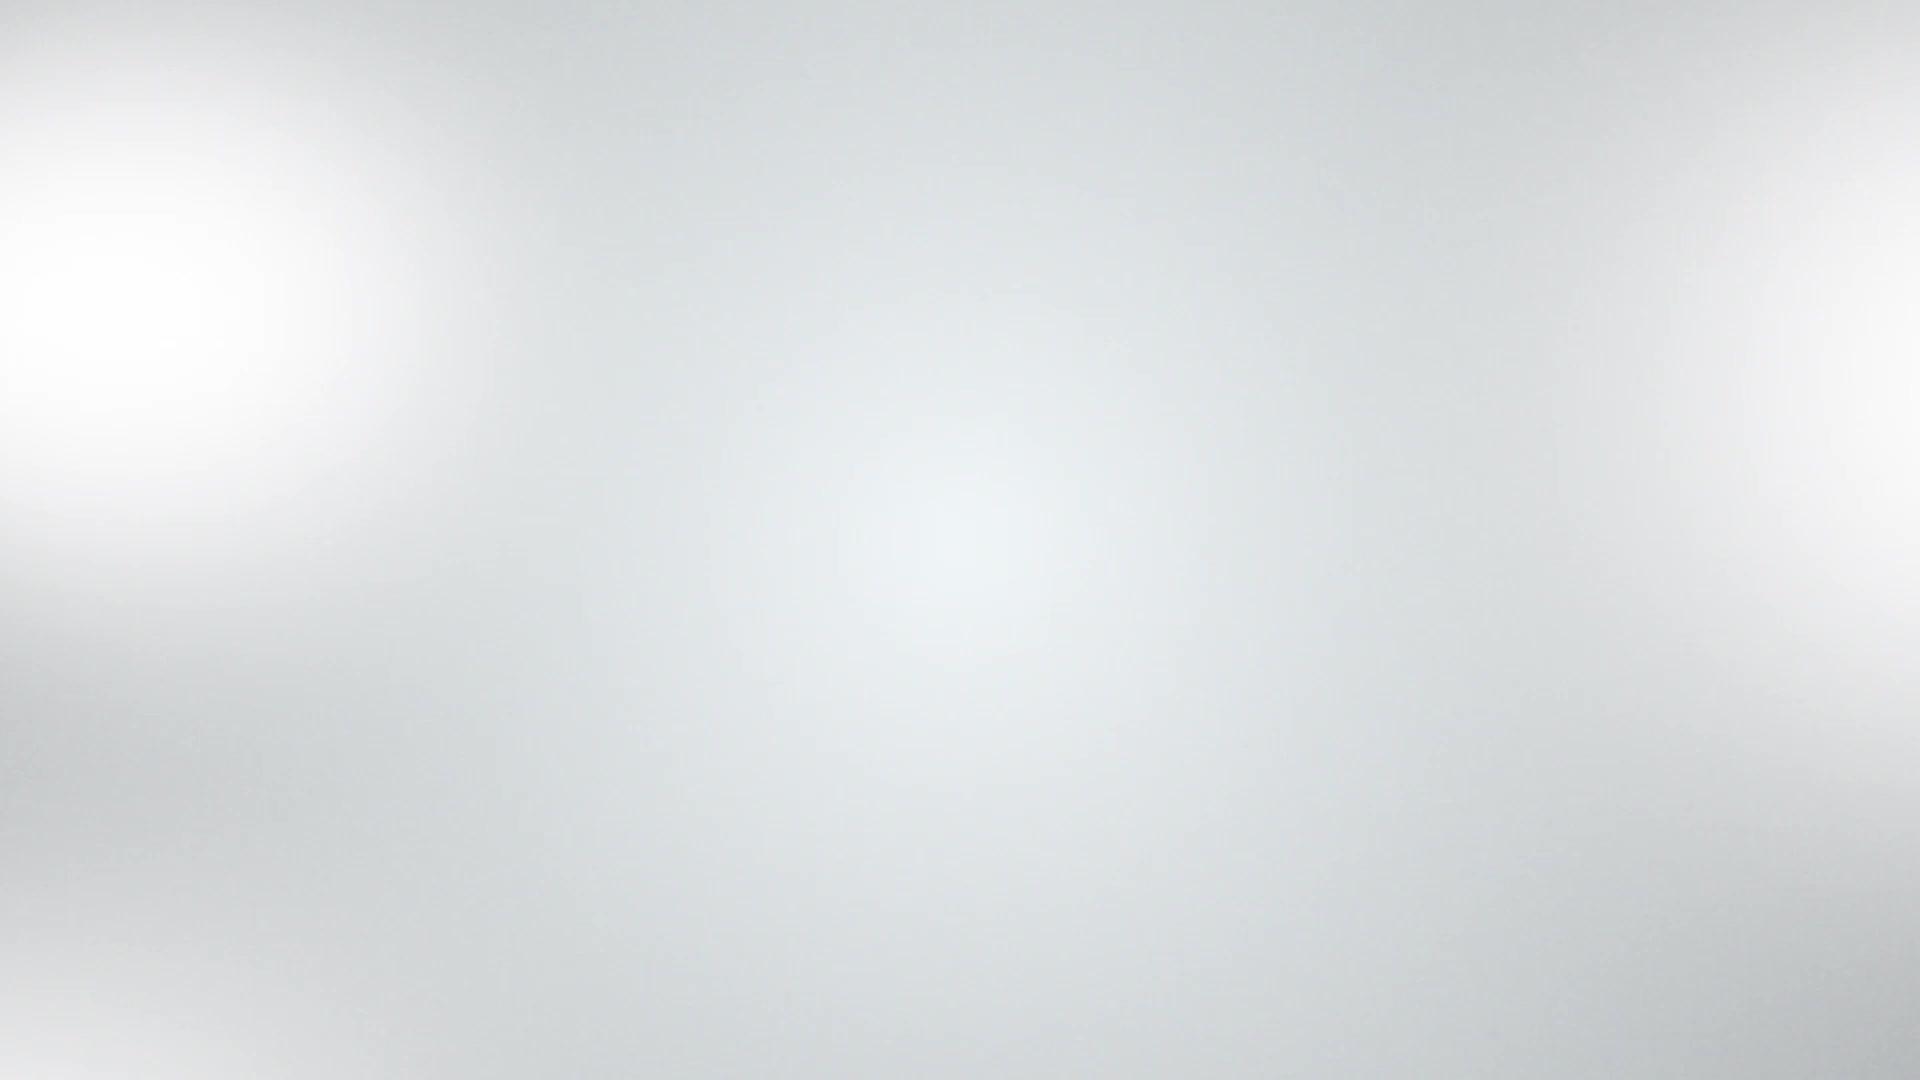 Giá tốt Bán Buôn Accuteck Bưu Chính Quy Mô Máy Tính Lcd Tempered Glass Kỹ Thuật Số Vận Chuyển Bưu Chính Quy Mô